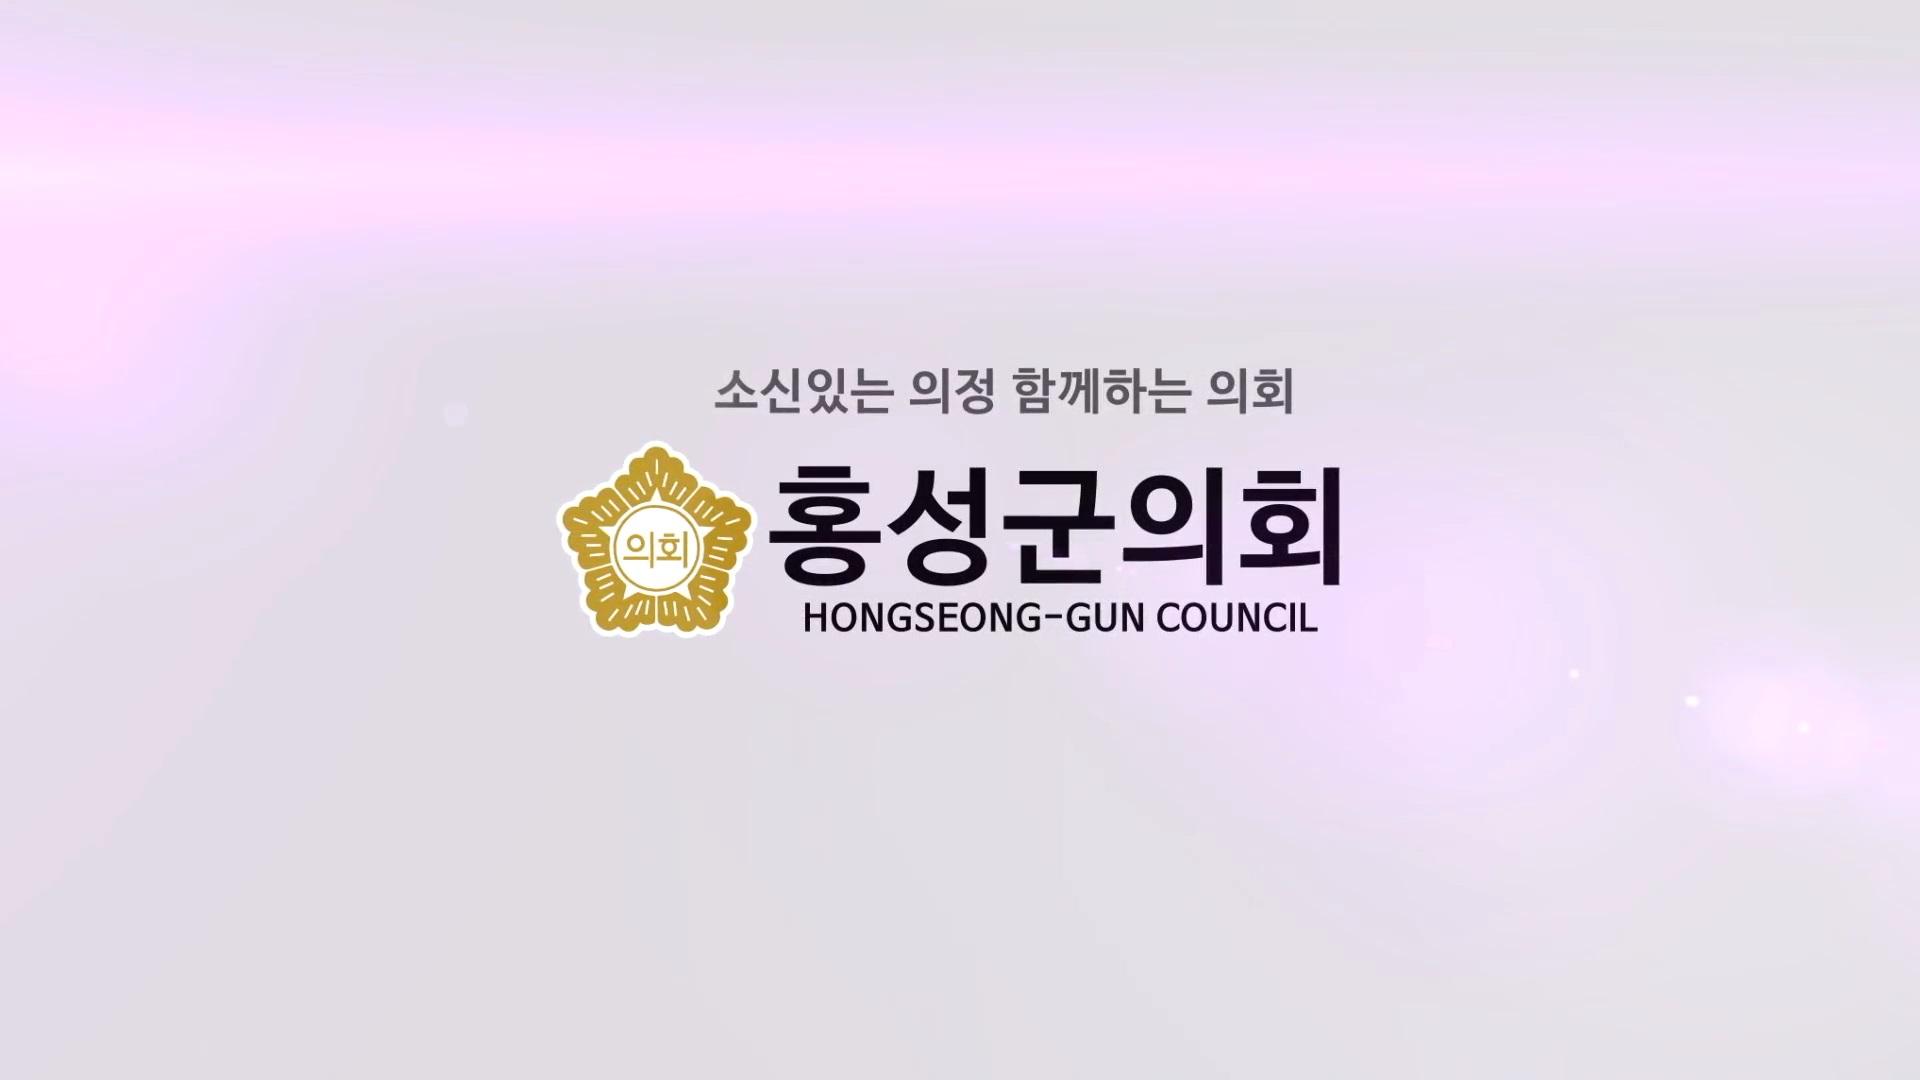 2019 홍성군의회 홍보영상  대표이미지